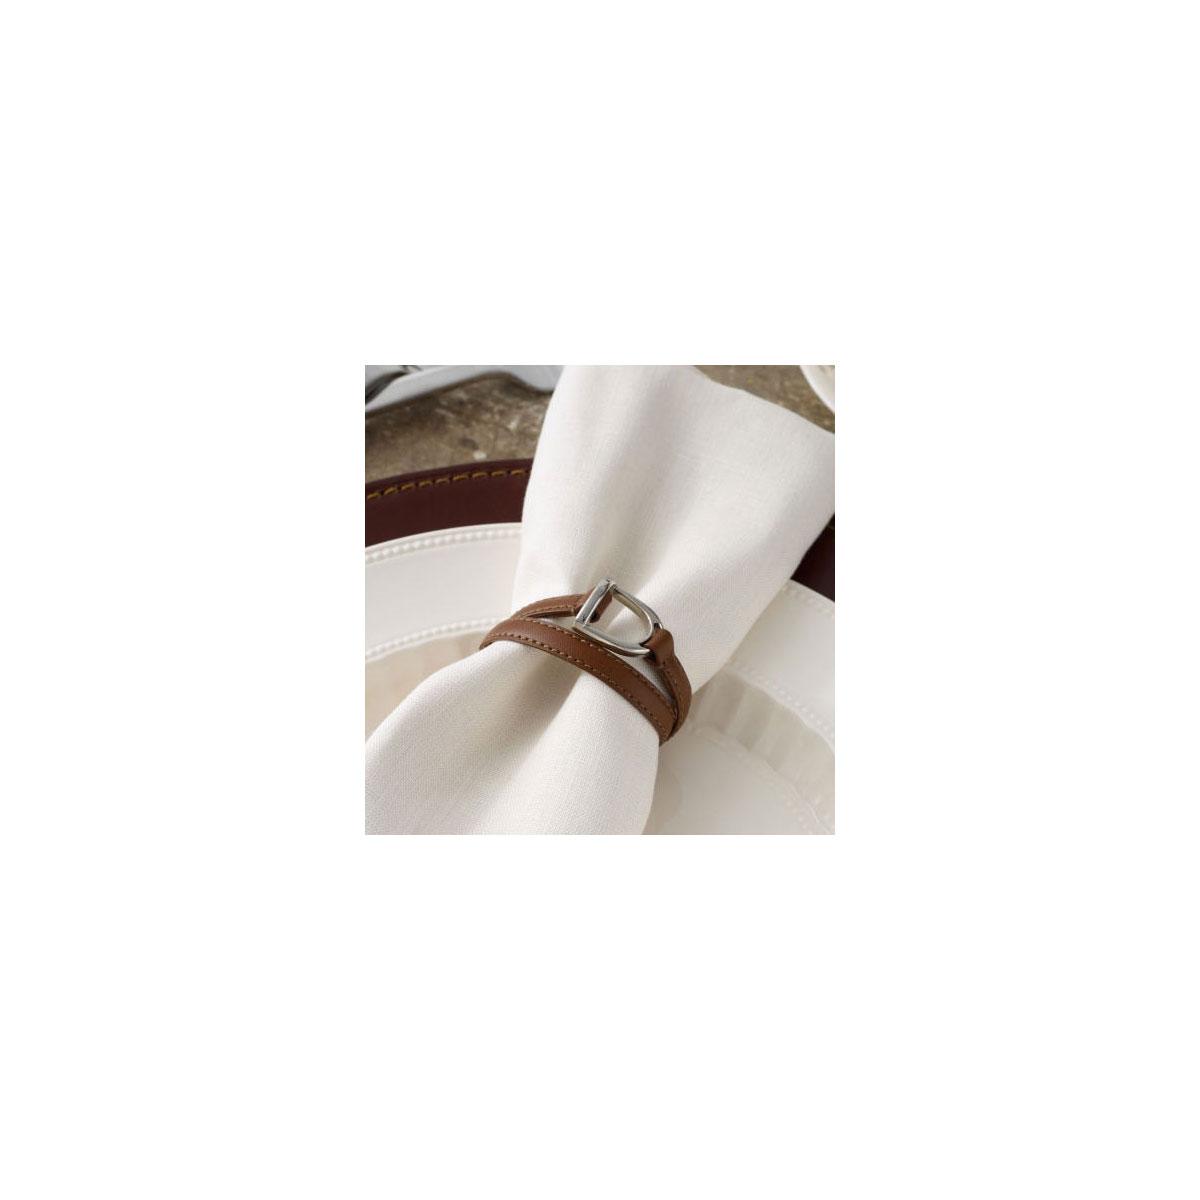 Ralph Lauren Dorset Stirrup Nickel Napkin Ring Holder